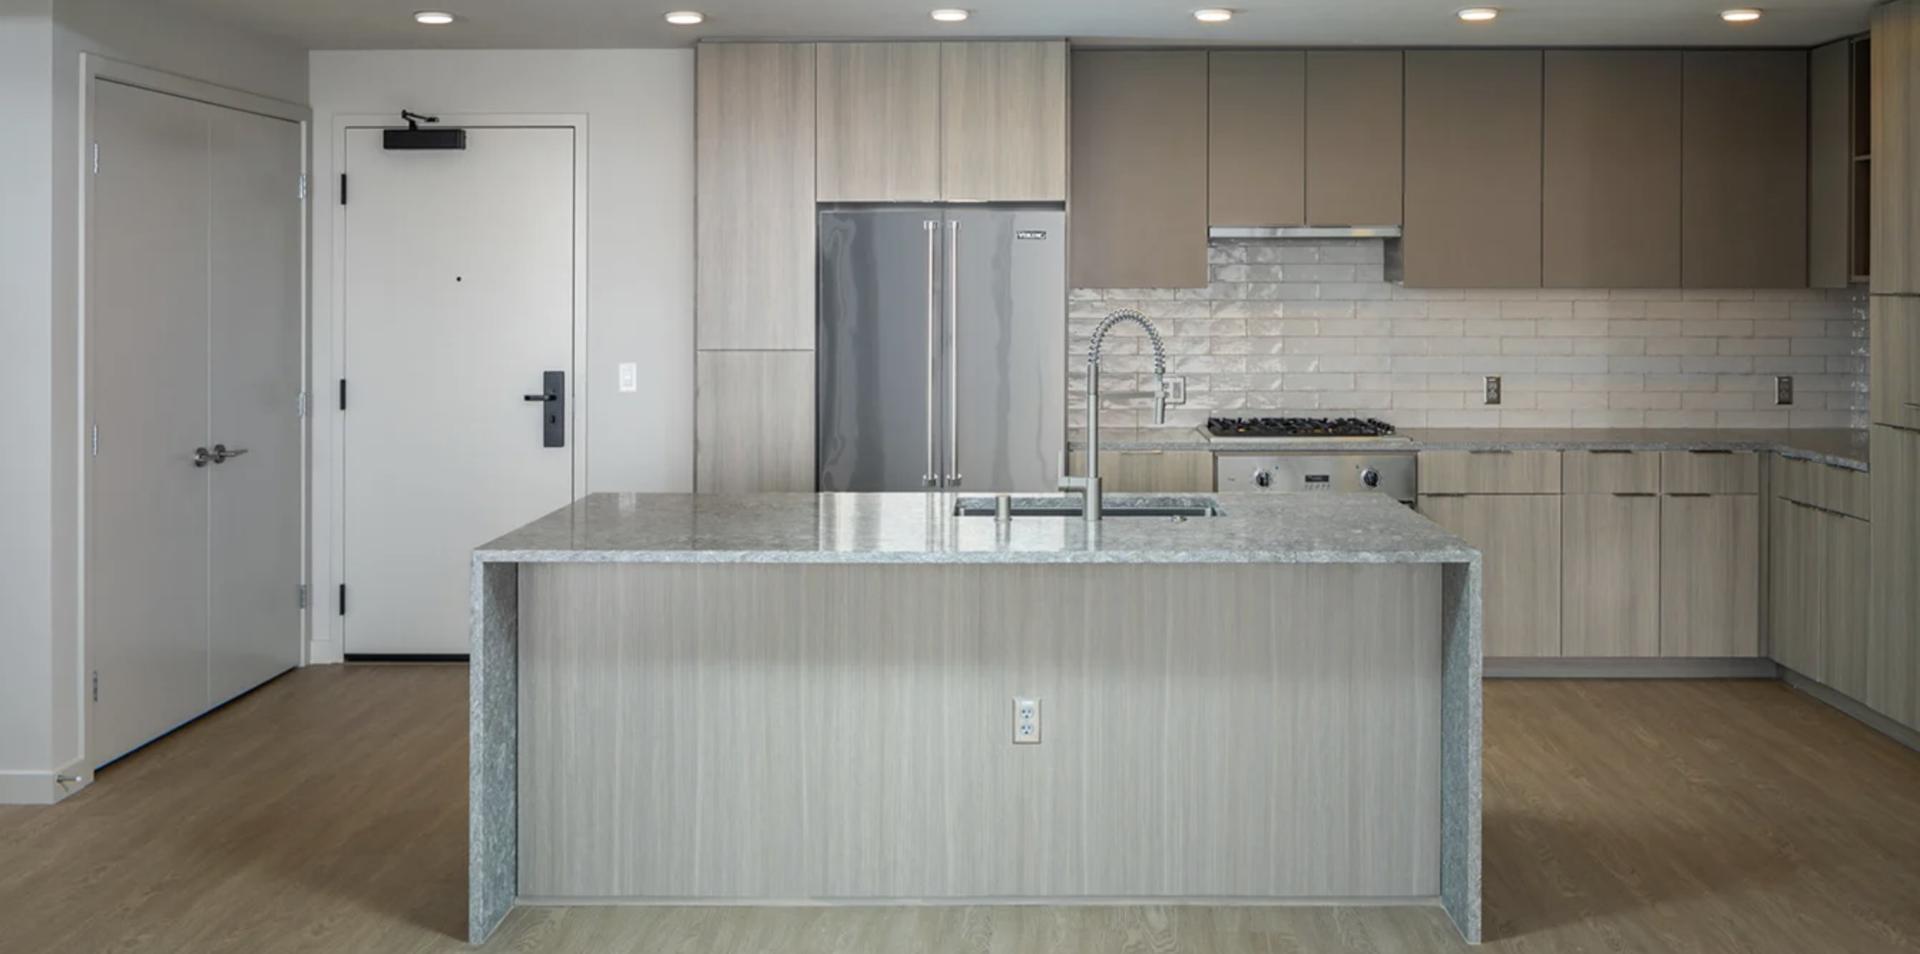 601 11th Avenue #1212, San Diego, CA - $4,705 USD/ month